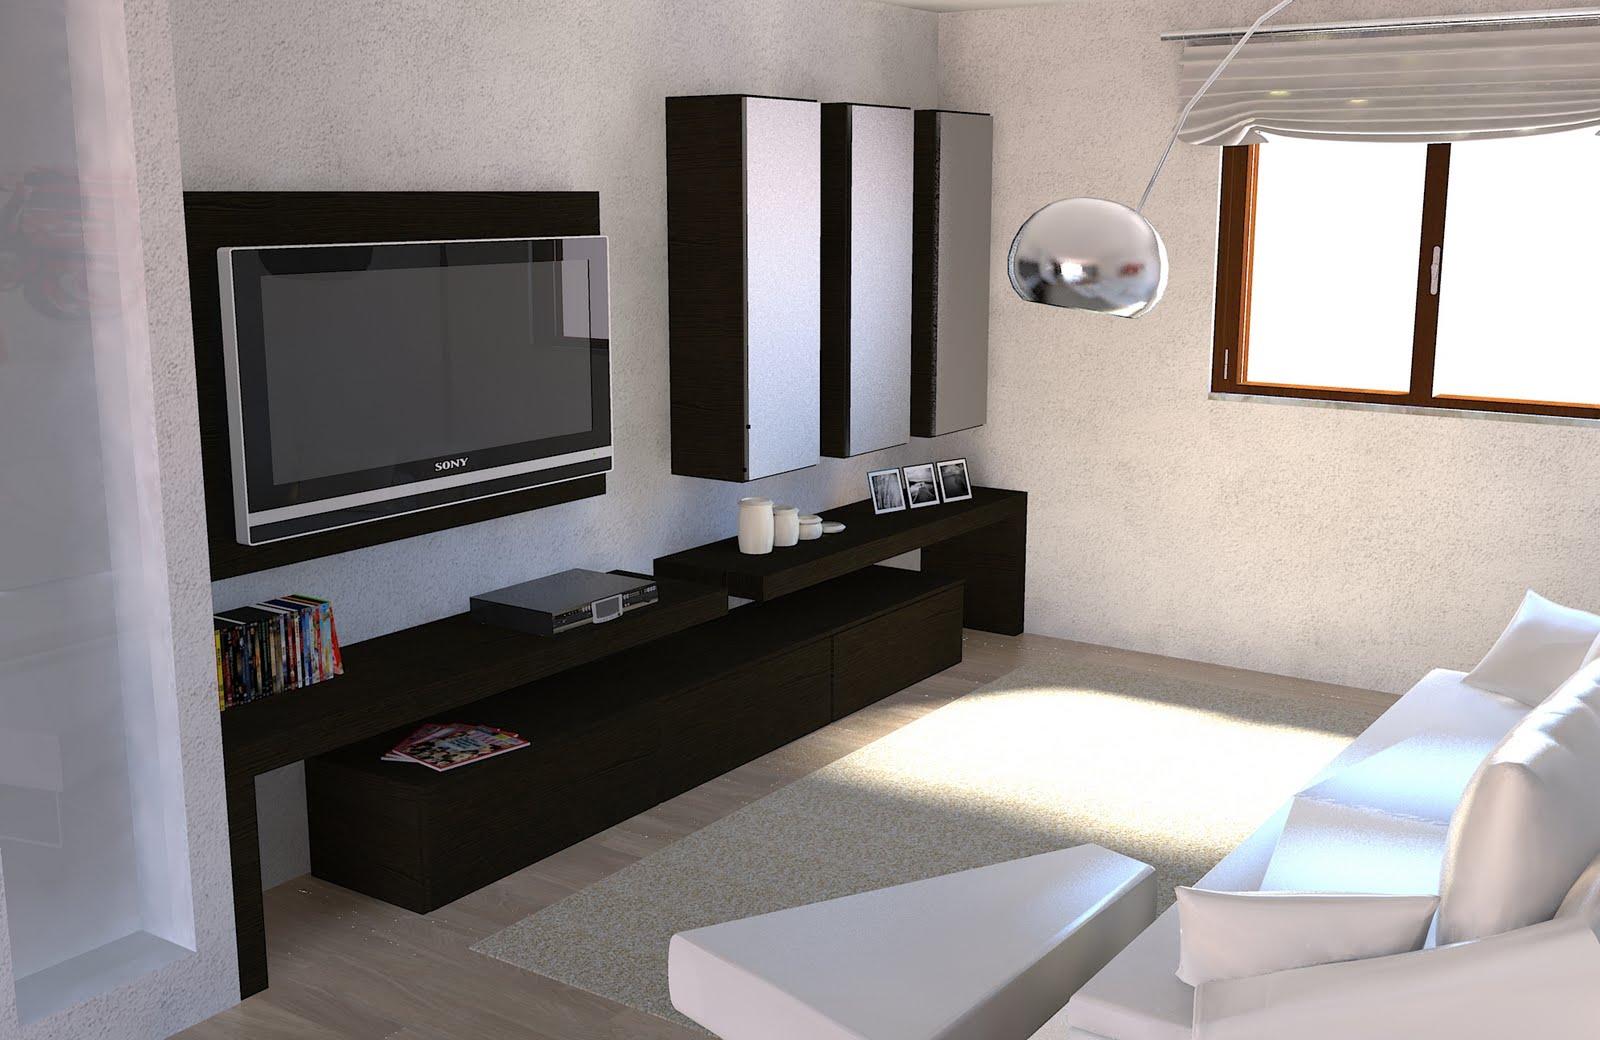 Arredamenti diotti a f il blog su mobili ed arredamento for Esempi di arredamento interni